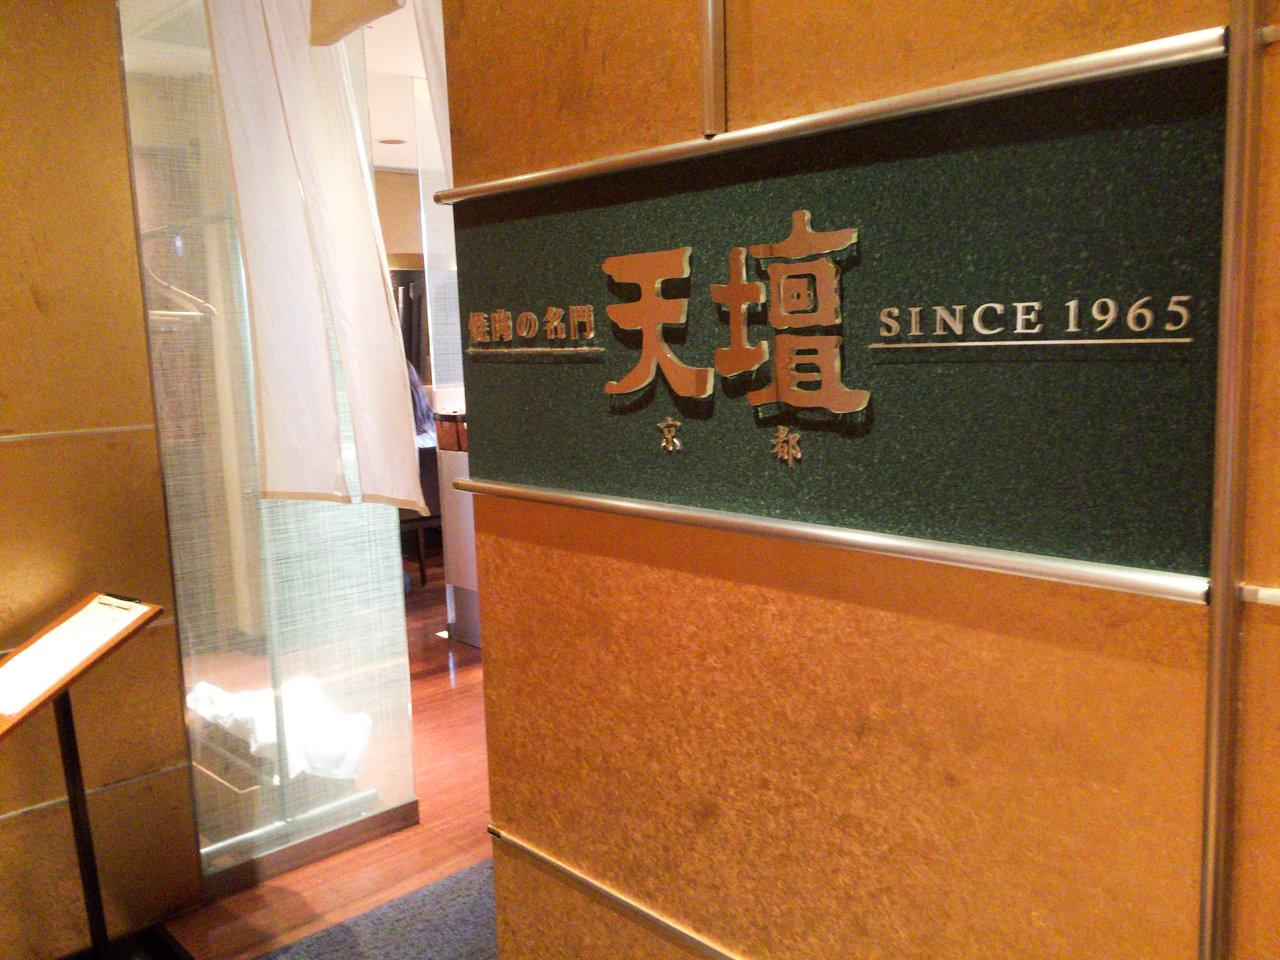 ドワンゴ(歌舞伎座)に行ったらこれを食え!バイキング付きの高級焼肉ランチ「天壇」